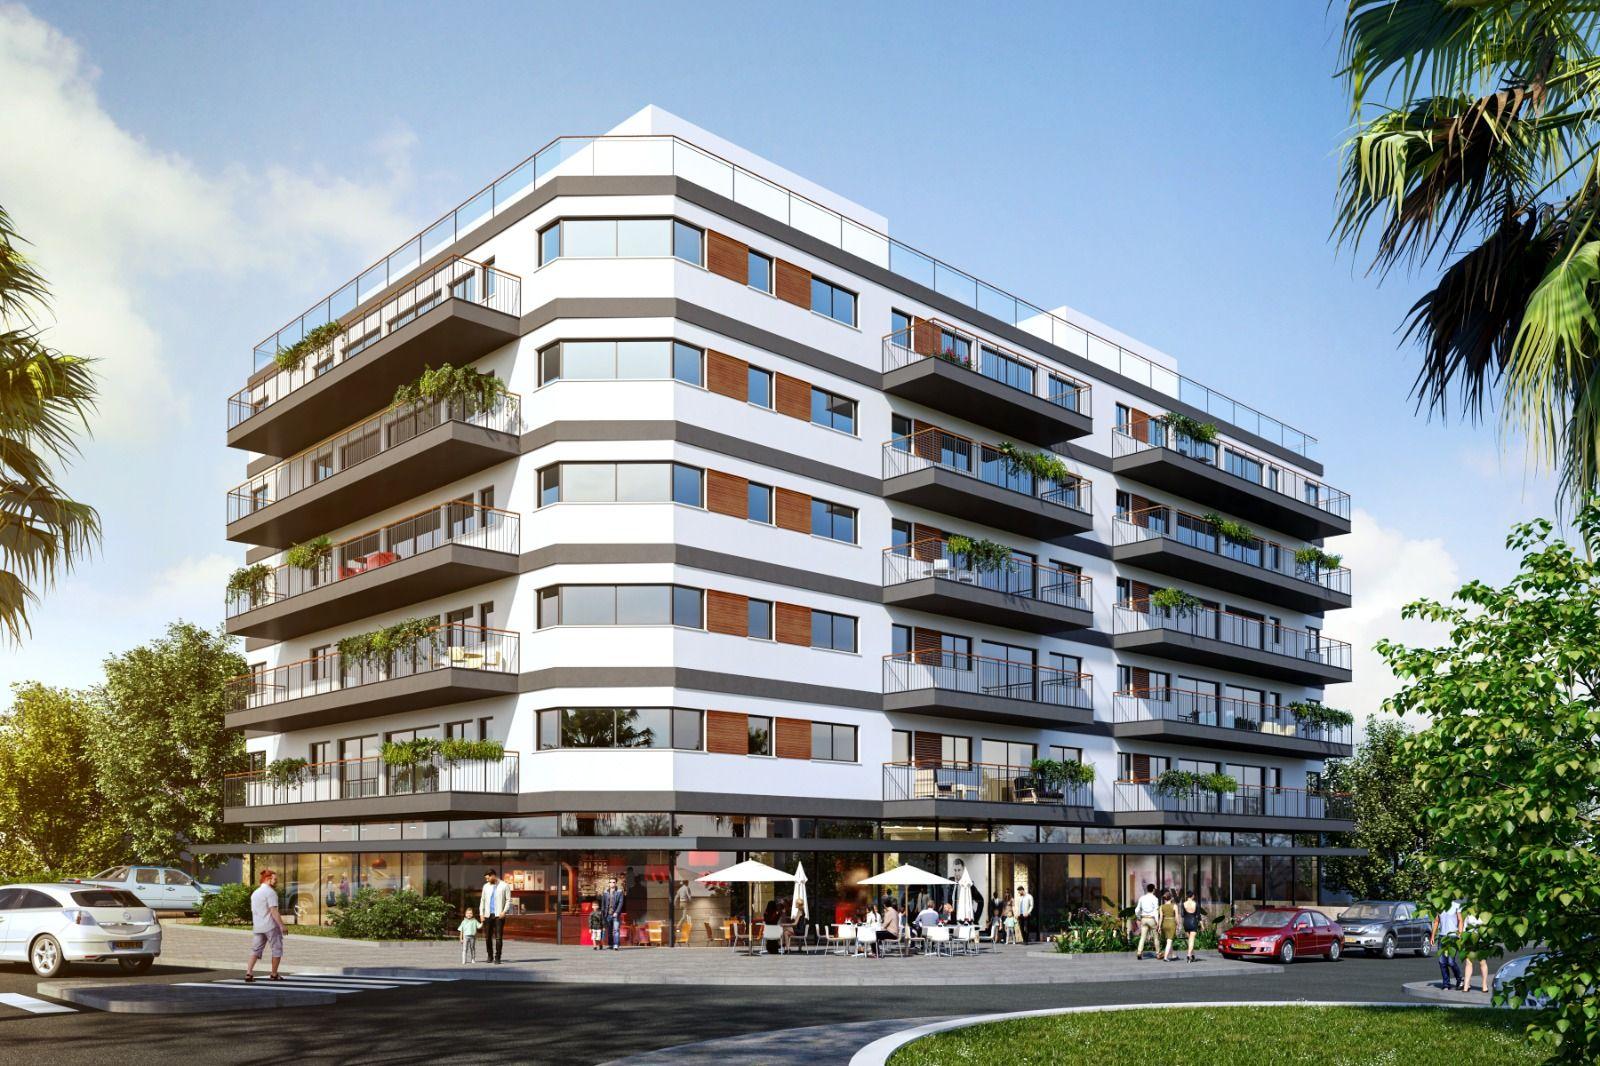 פרויקט יוקרתי בהרצליה פיתוח, ובמרכזו פטיו לרווחת בעלי הדירות. קרדיט - א- סטודיו.